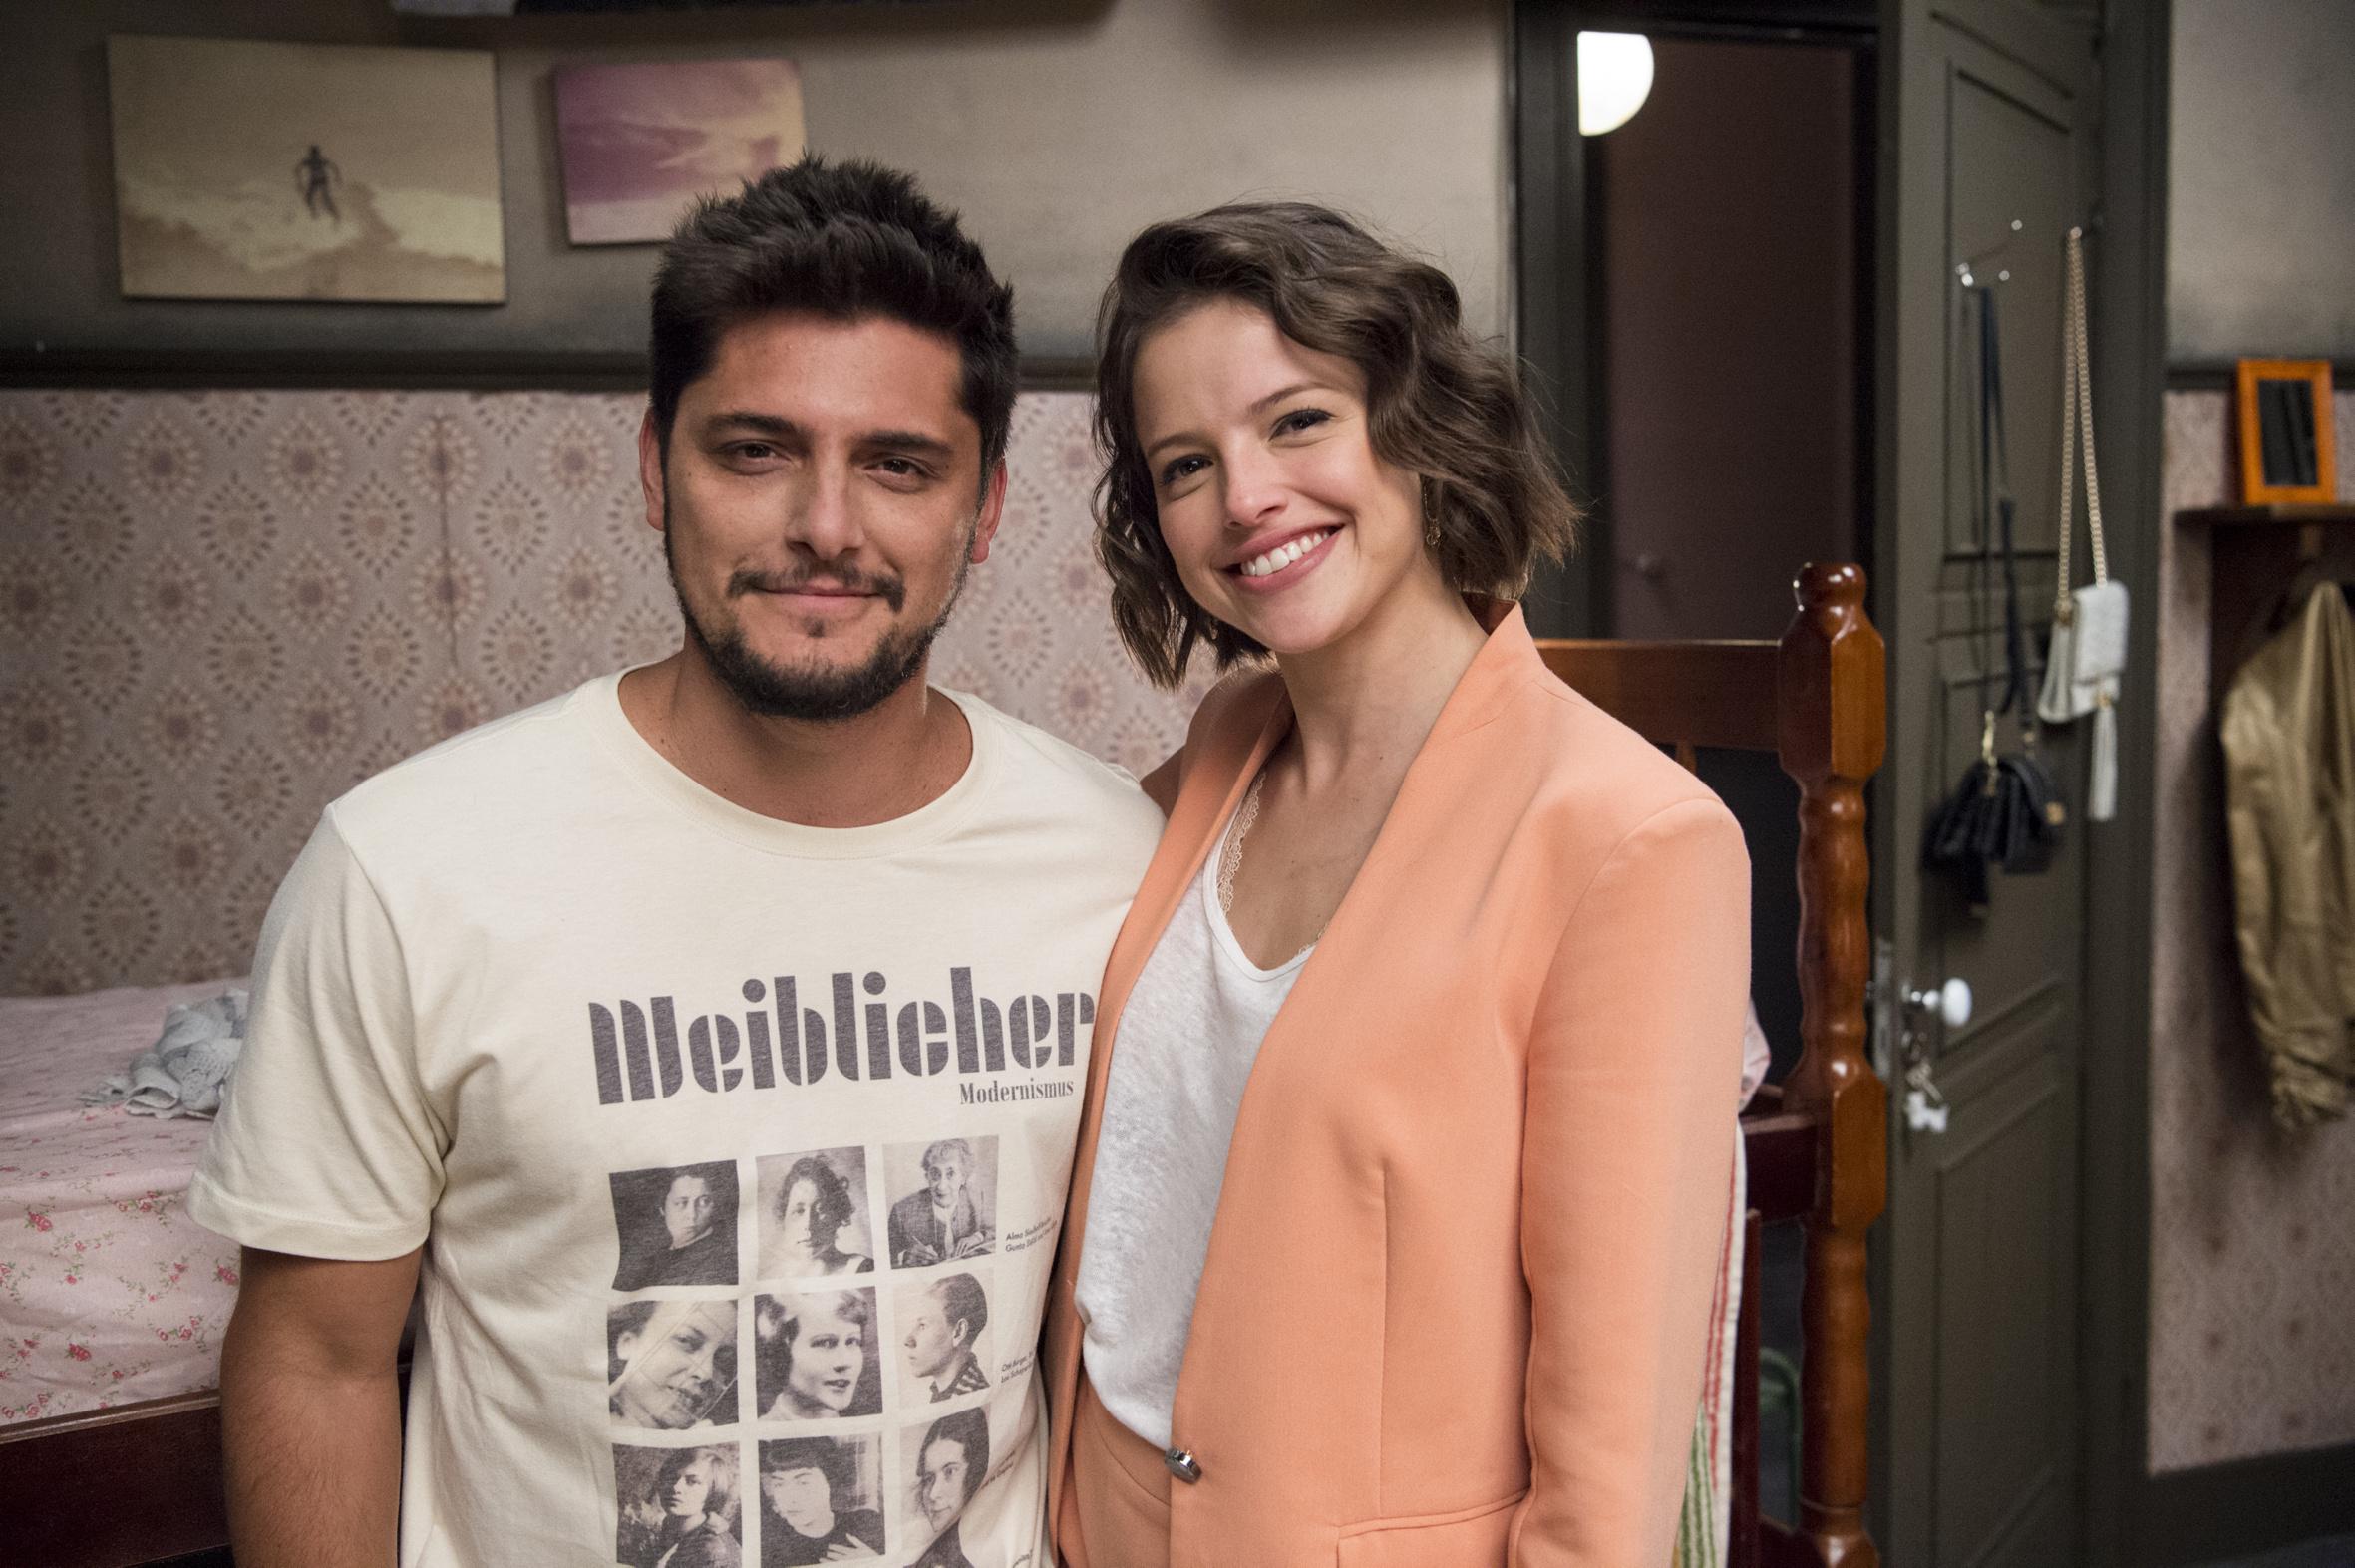 Ator Porno Brasileiro Bruno Ágatha moreira bruno gissoni beijo: cunhados na vida real